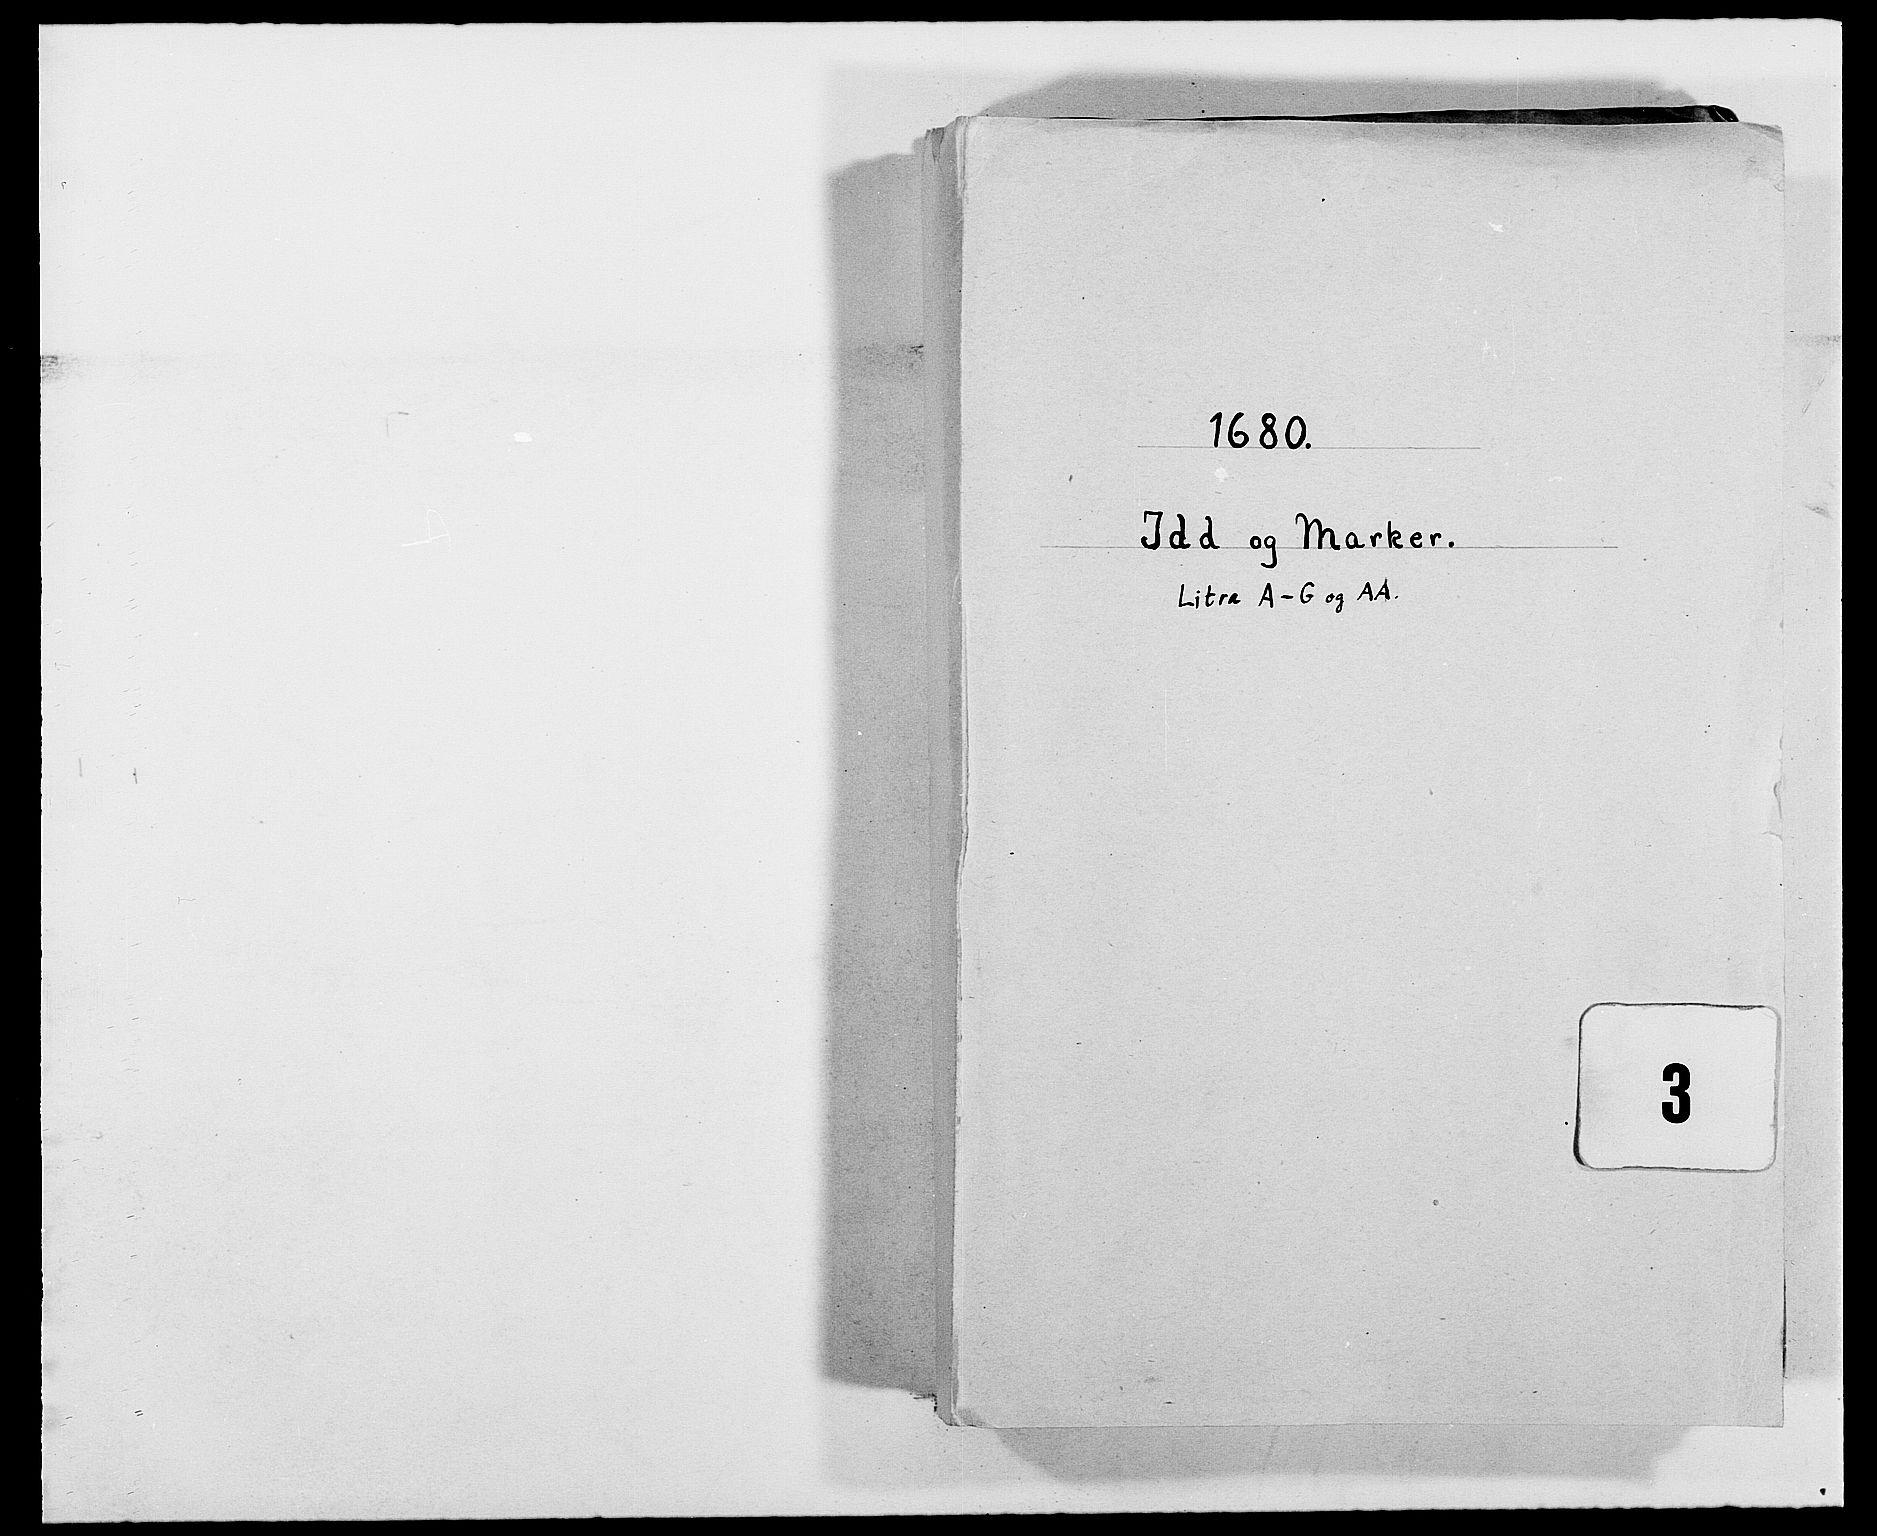 RA, Rentekammeret inntil 1814, Reviderte regnskaper, Fogderegnskap, R01/L0002: Fogderegnskap Idd og Marker, 1680-1681, s. 56